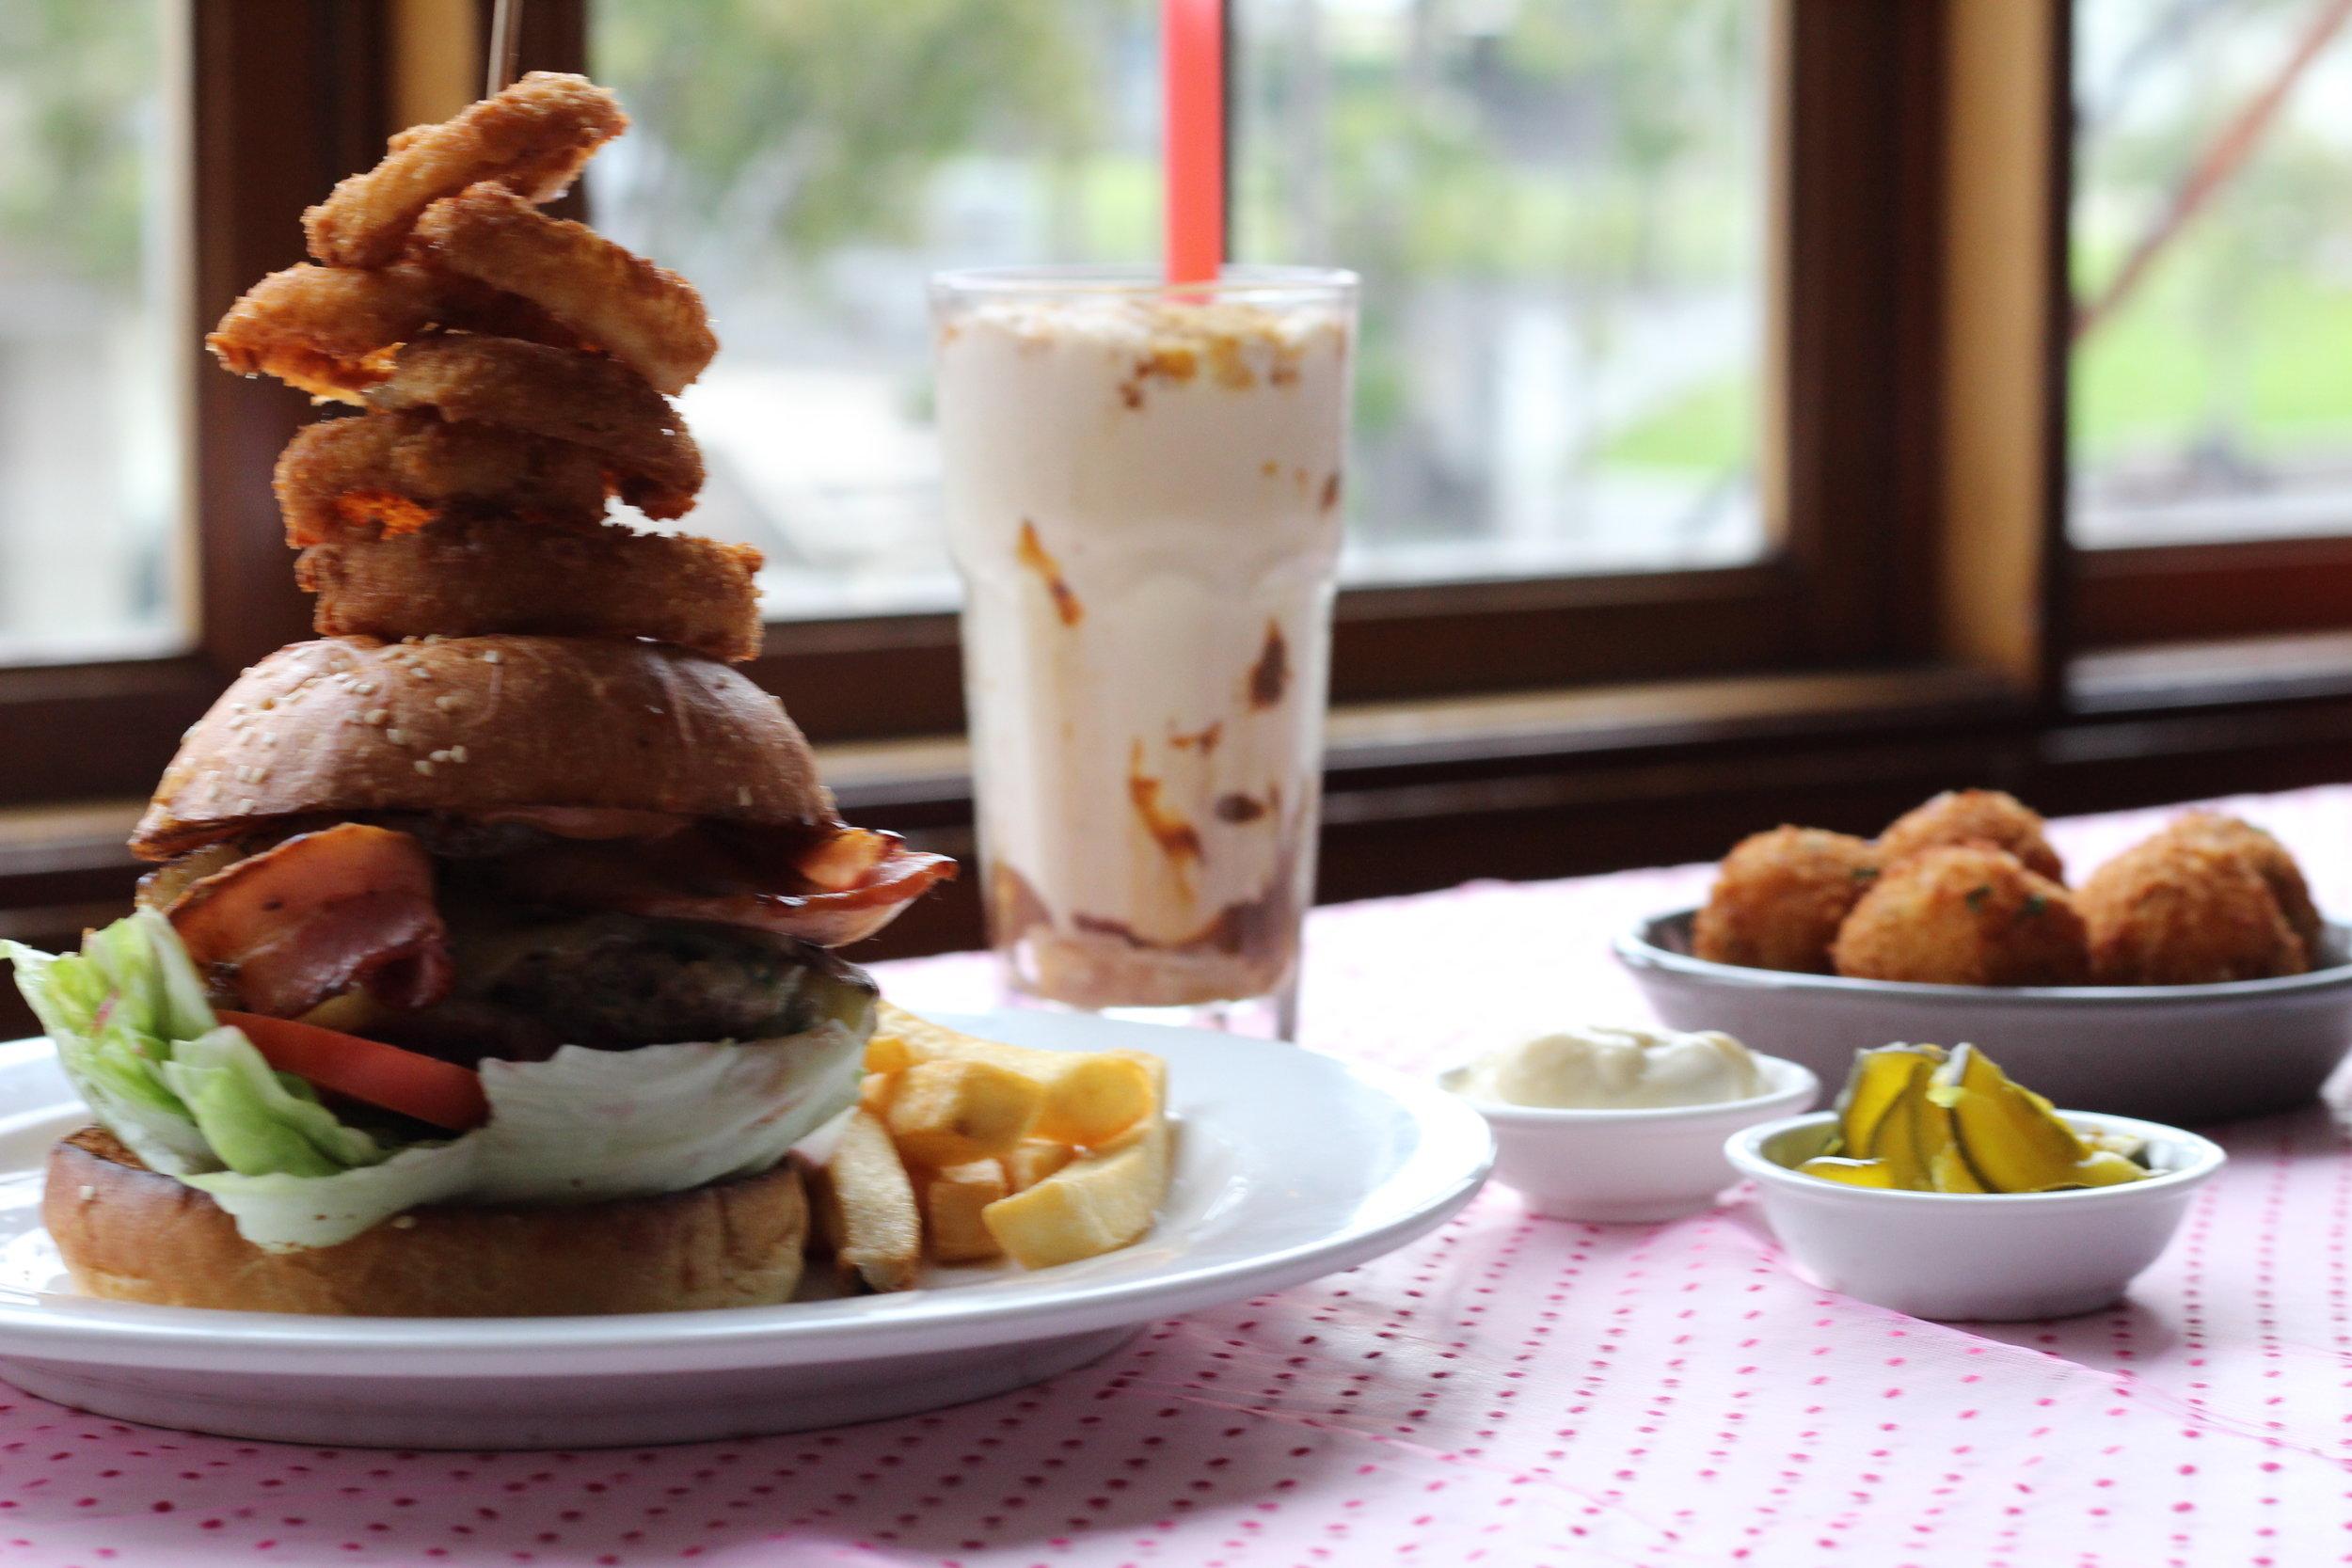 web_burgerandshakes.jpg